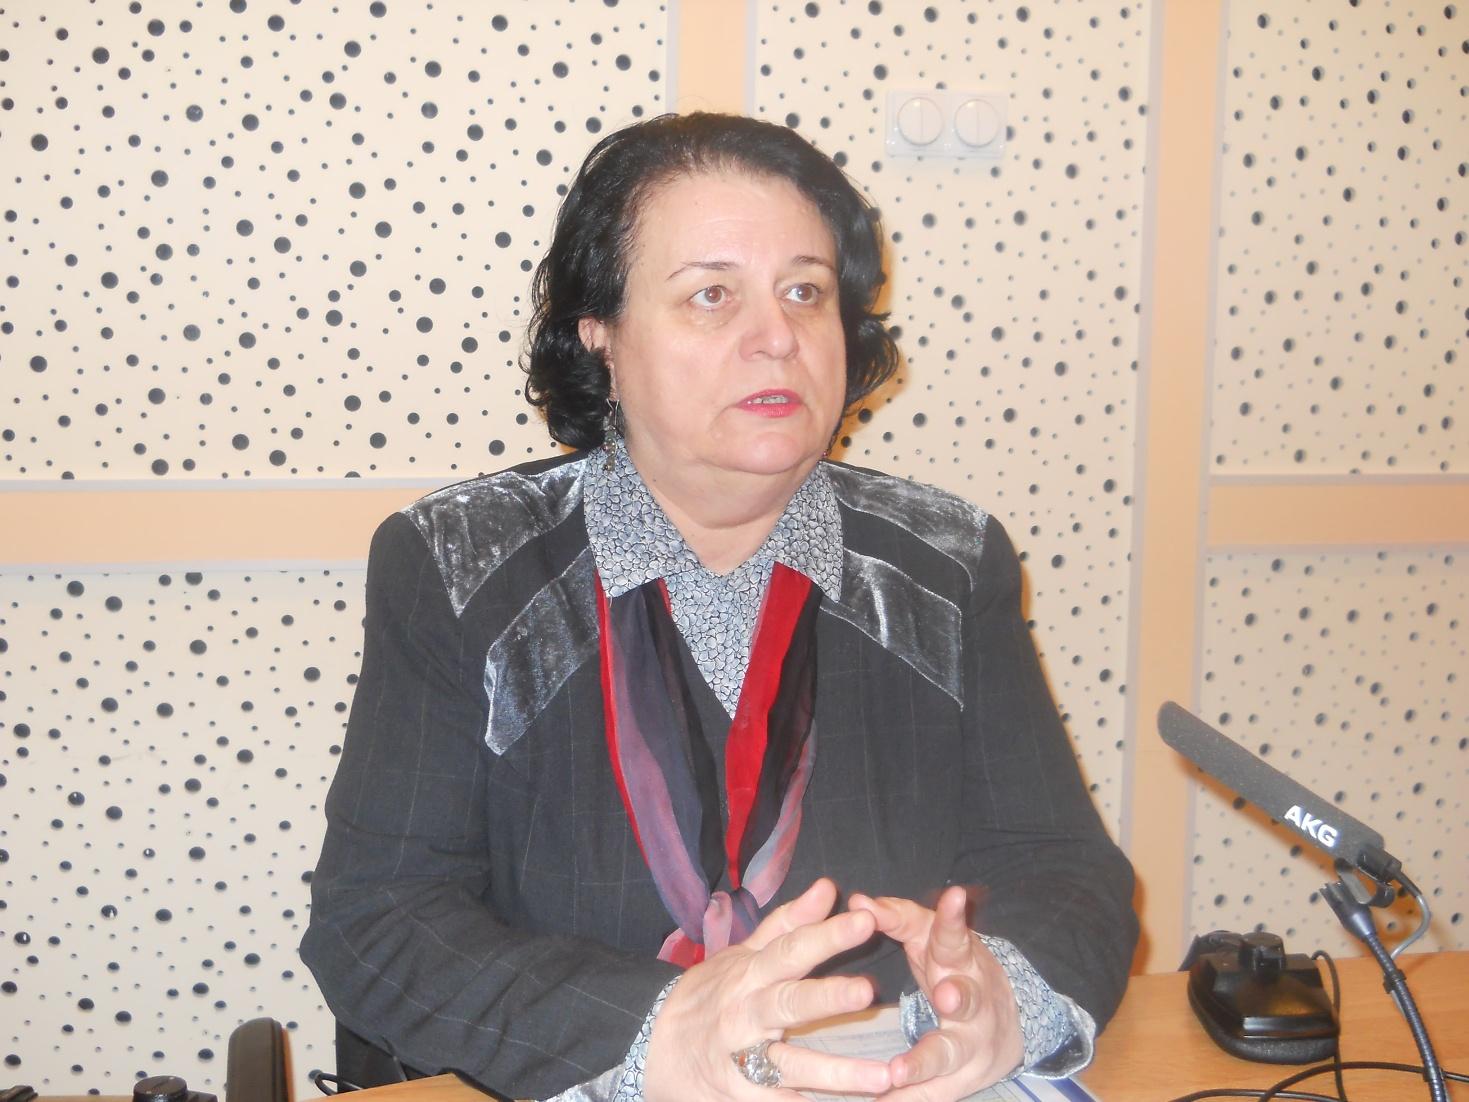 Preşedintele Consiliului Judeţean Mureş, Lokodi Edita, a anunţat, astăzi, că va da în judecată televiziunea care a difuzat o ştire cu privire la audierea sa de către DNA.